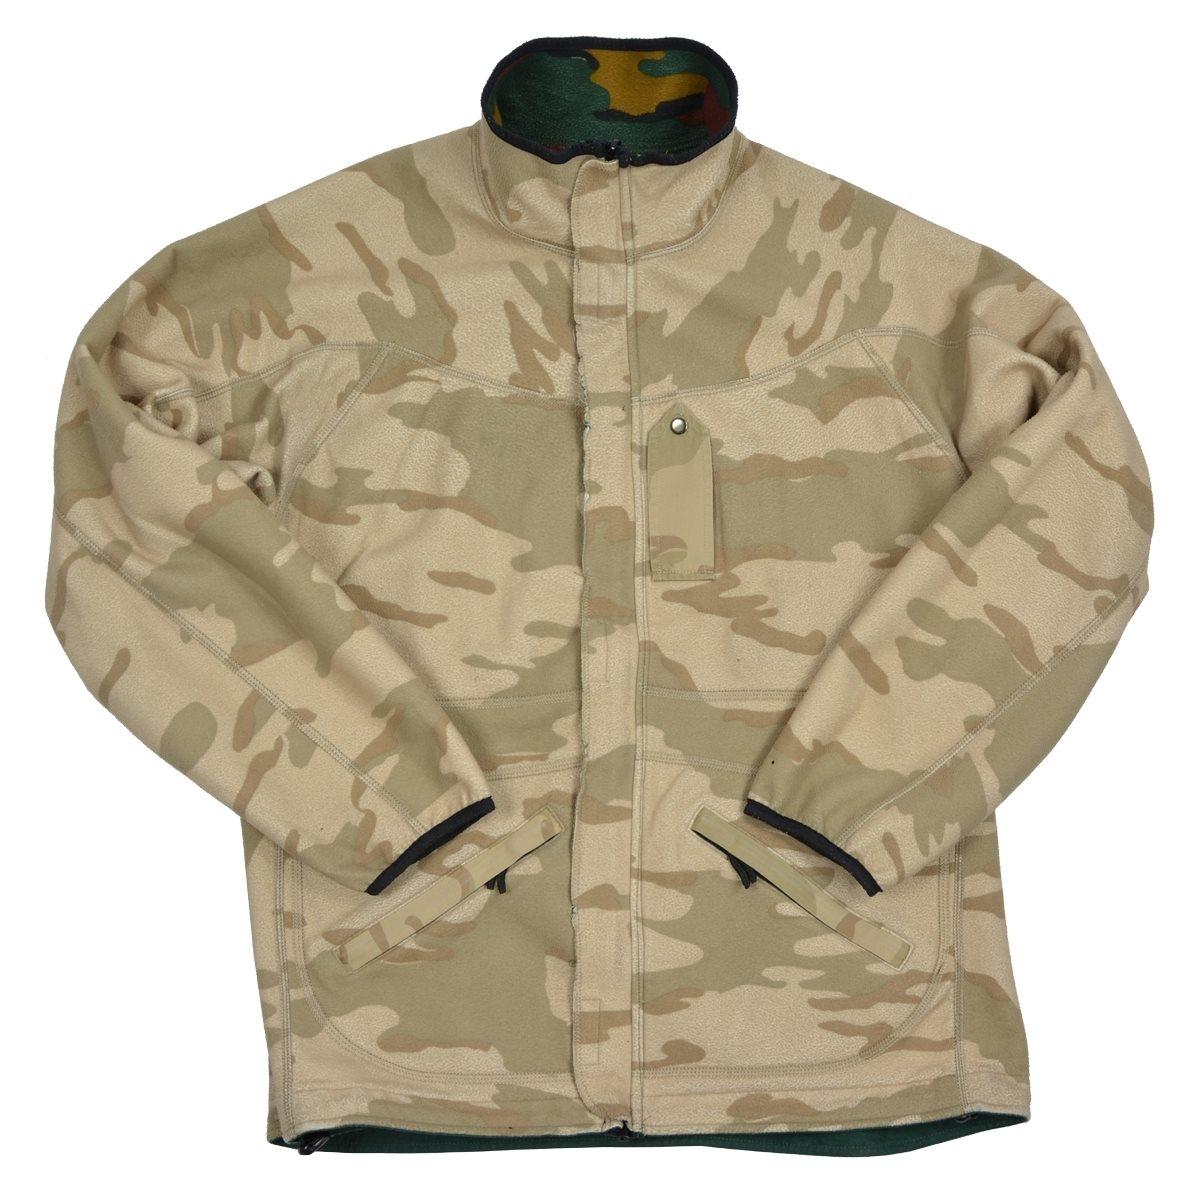 Bunda fleece obojstranná belgická použitá Armáda Belgická 91085560 L-11